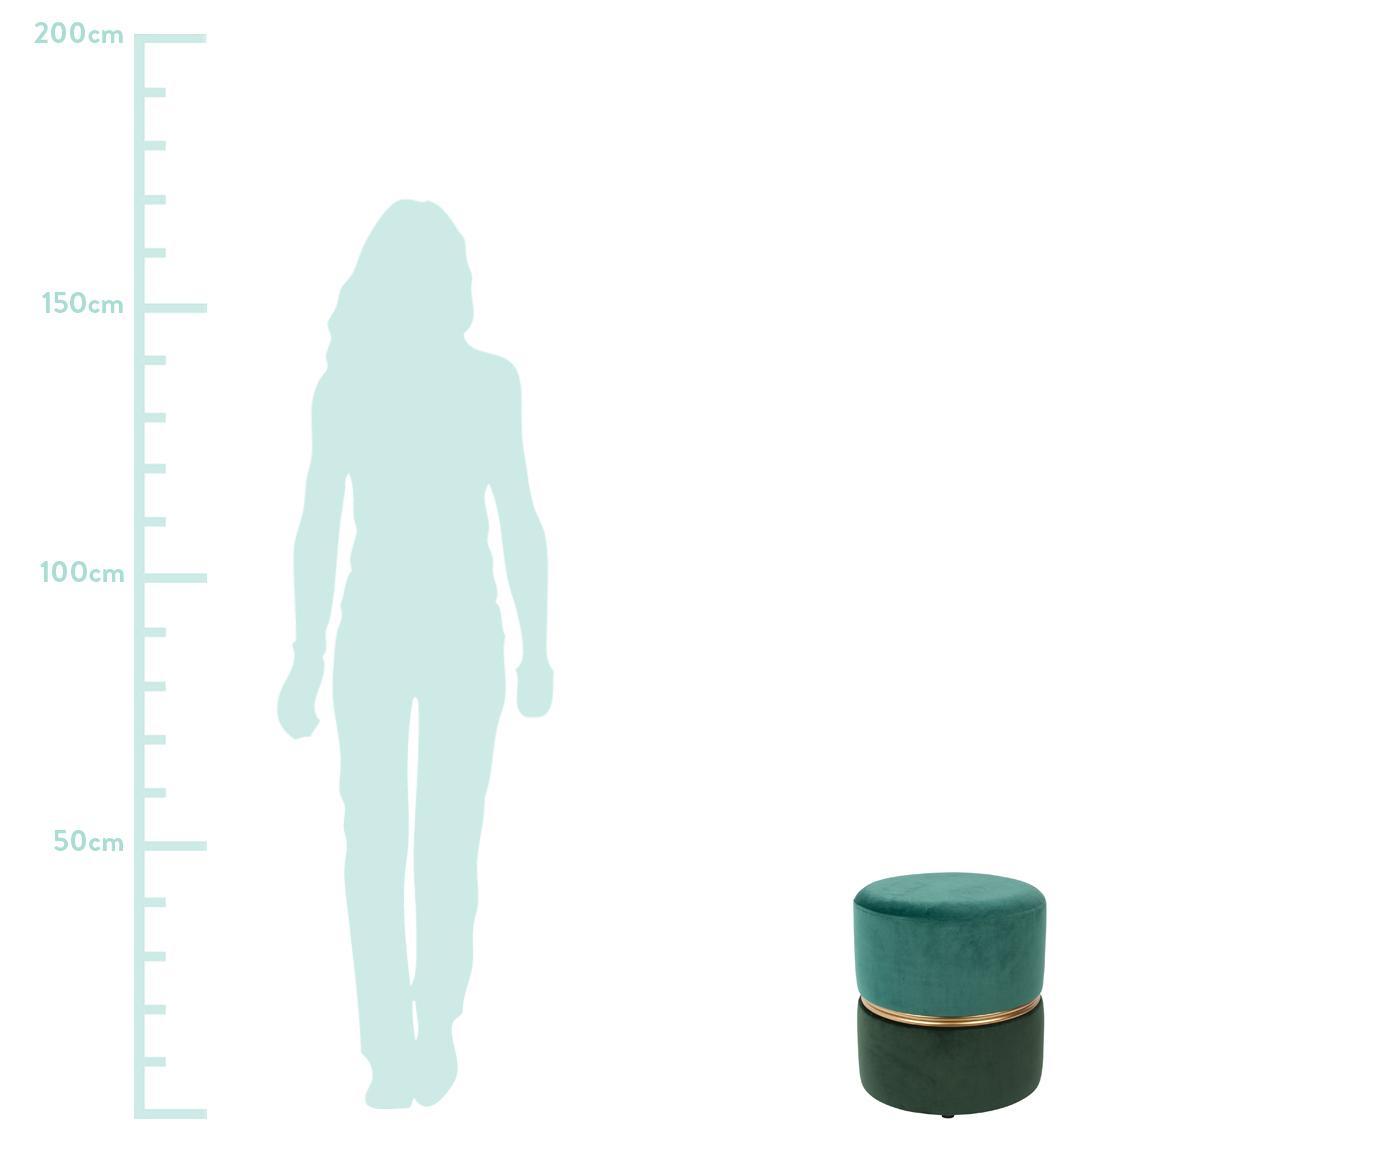 Samt-Hocker Bubbly, Bezug: Polyestersamt 20.000 Sche, Gestell: Mitteldichte Holzfaserpla, Grüntöne, Ø 35 x H 39 cm